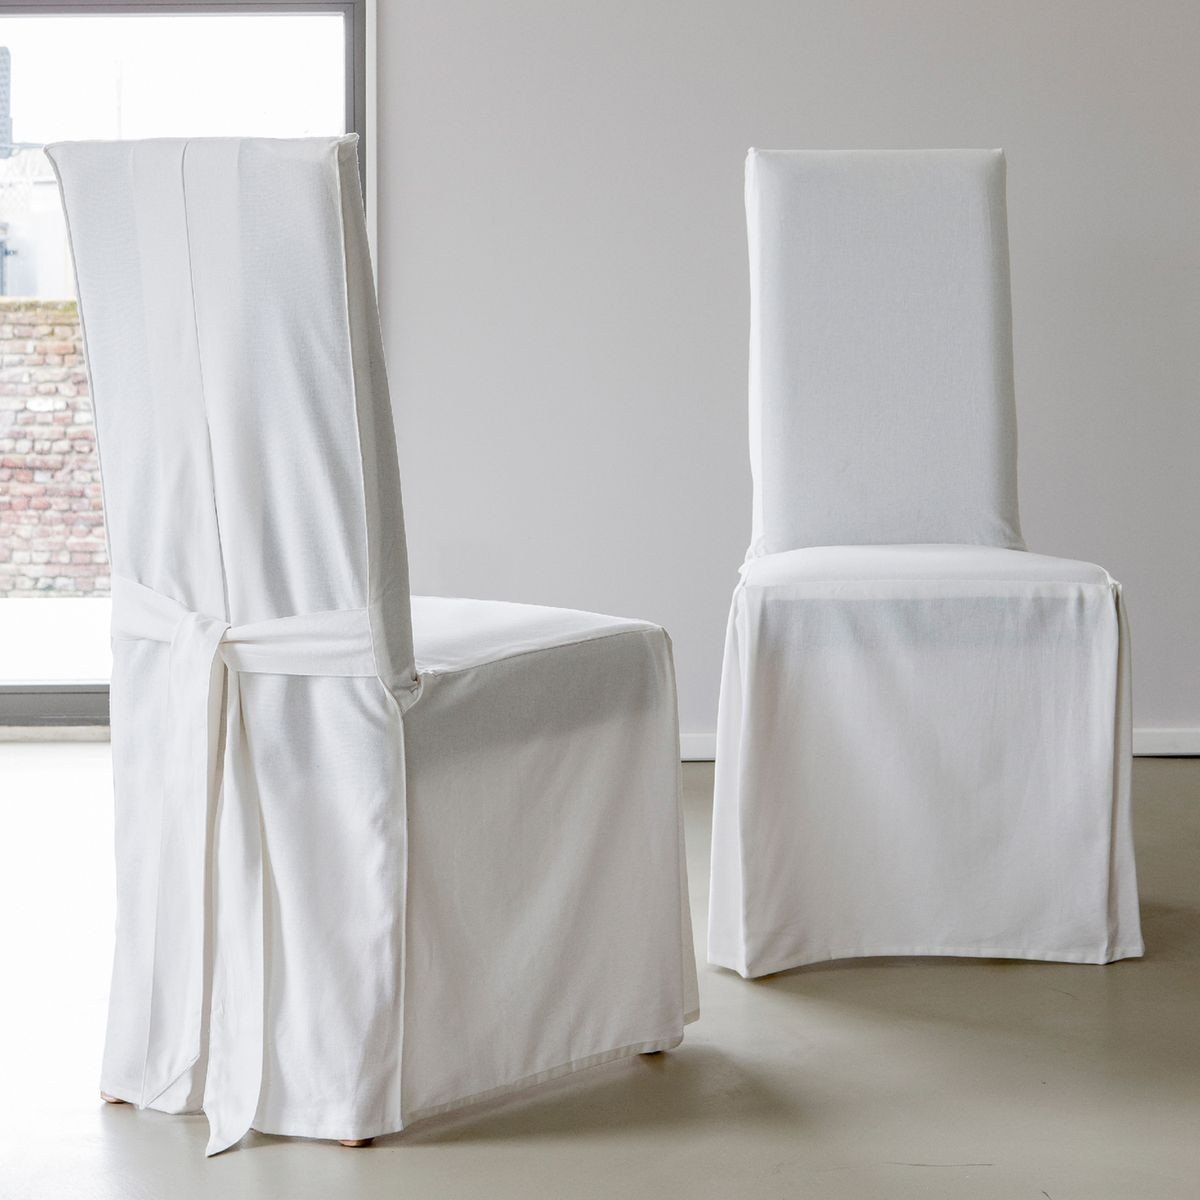 Quel Tissu Pour Chaise housses de chaise : les choisir, les fabriquer et les